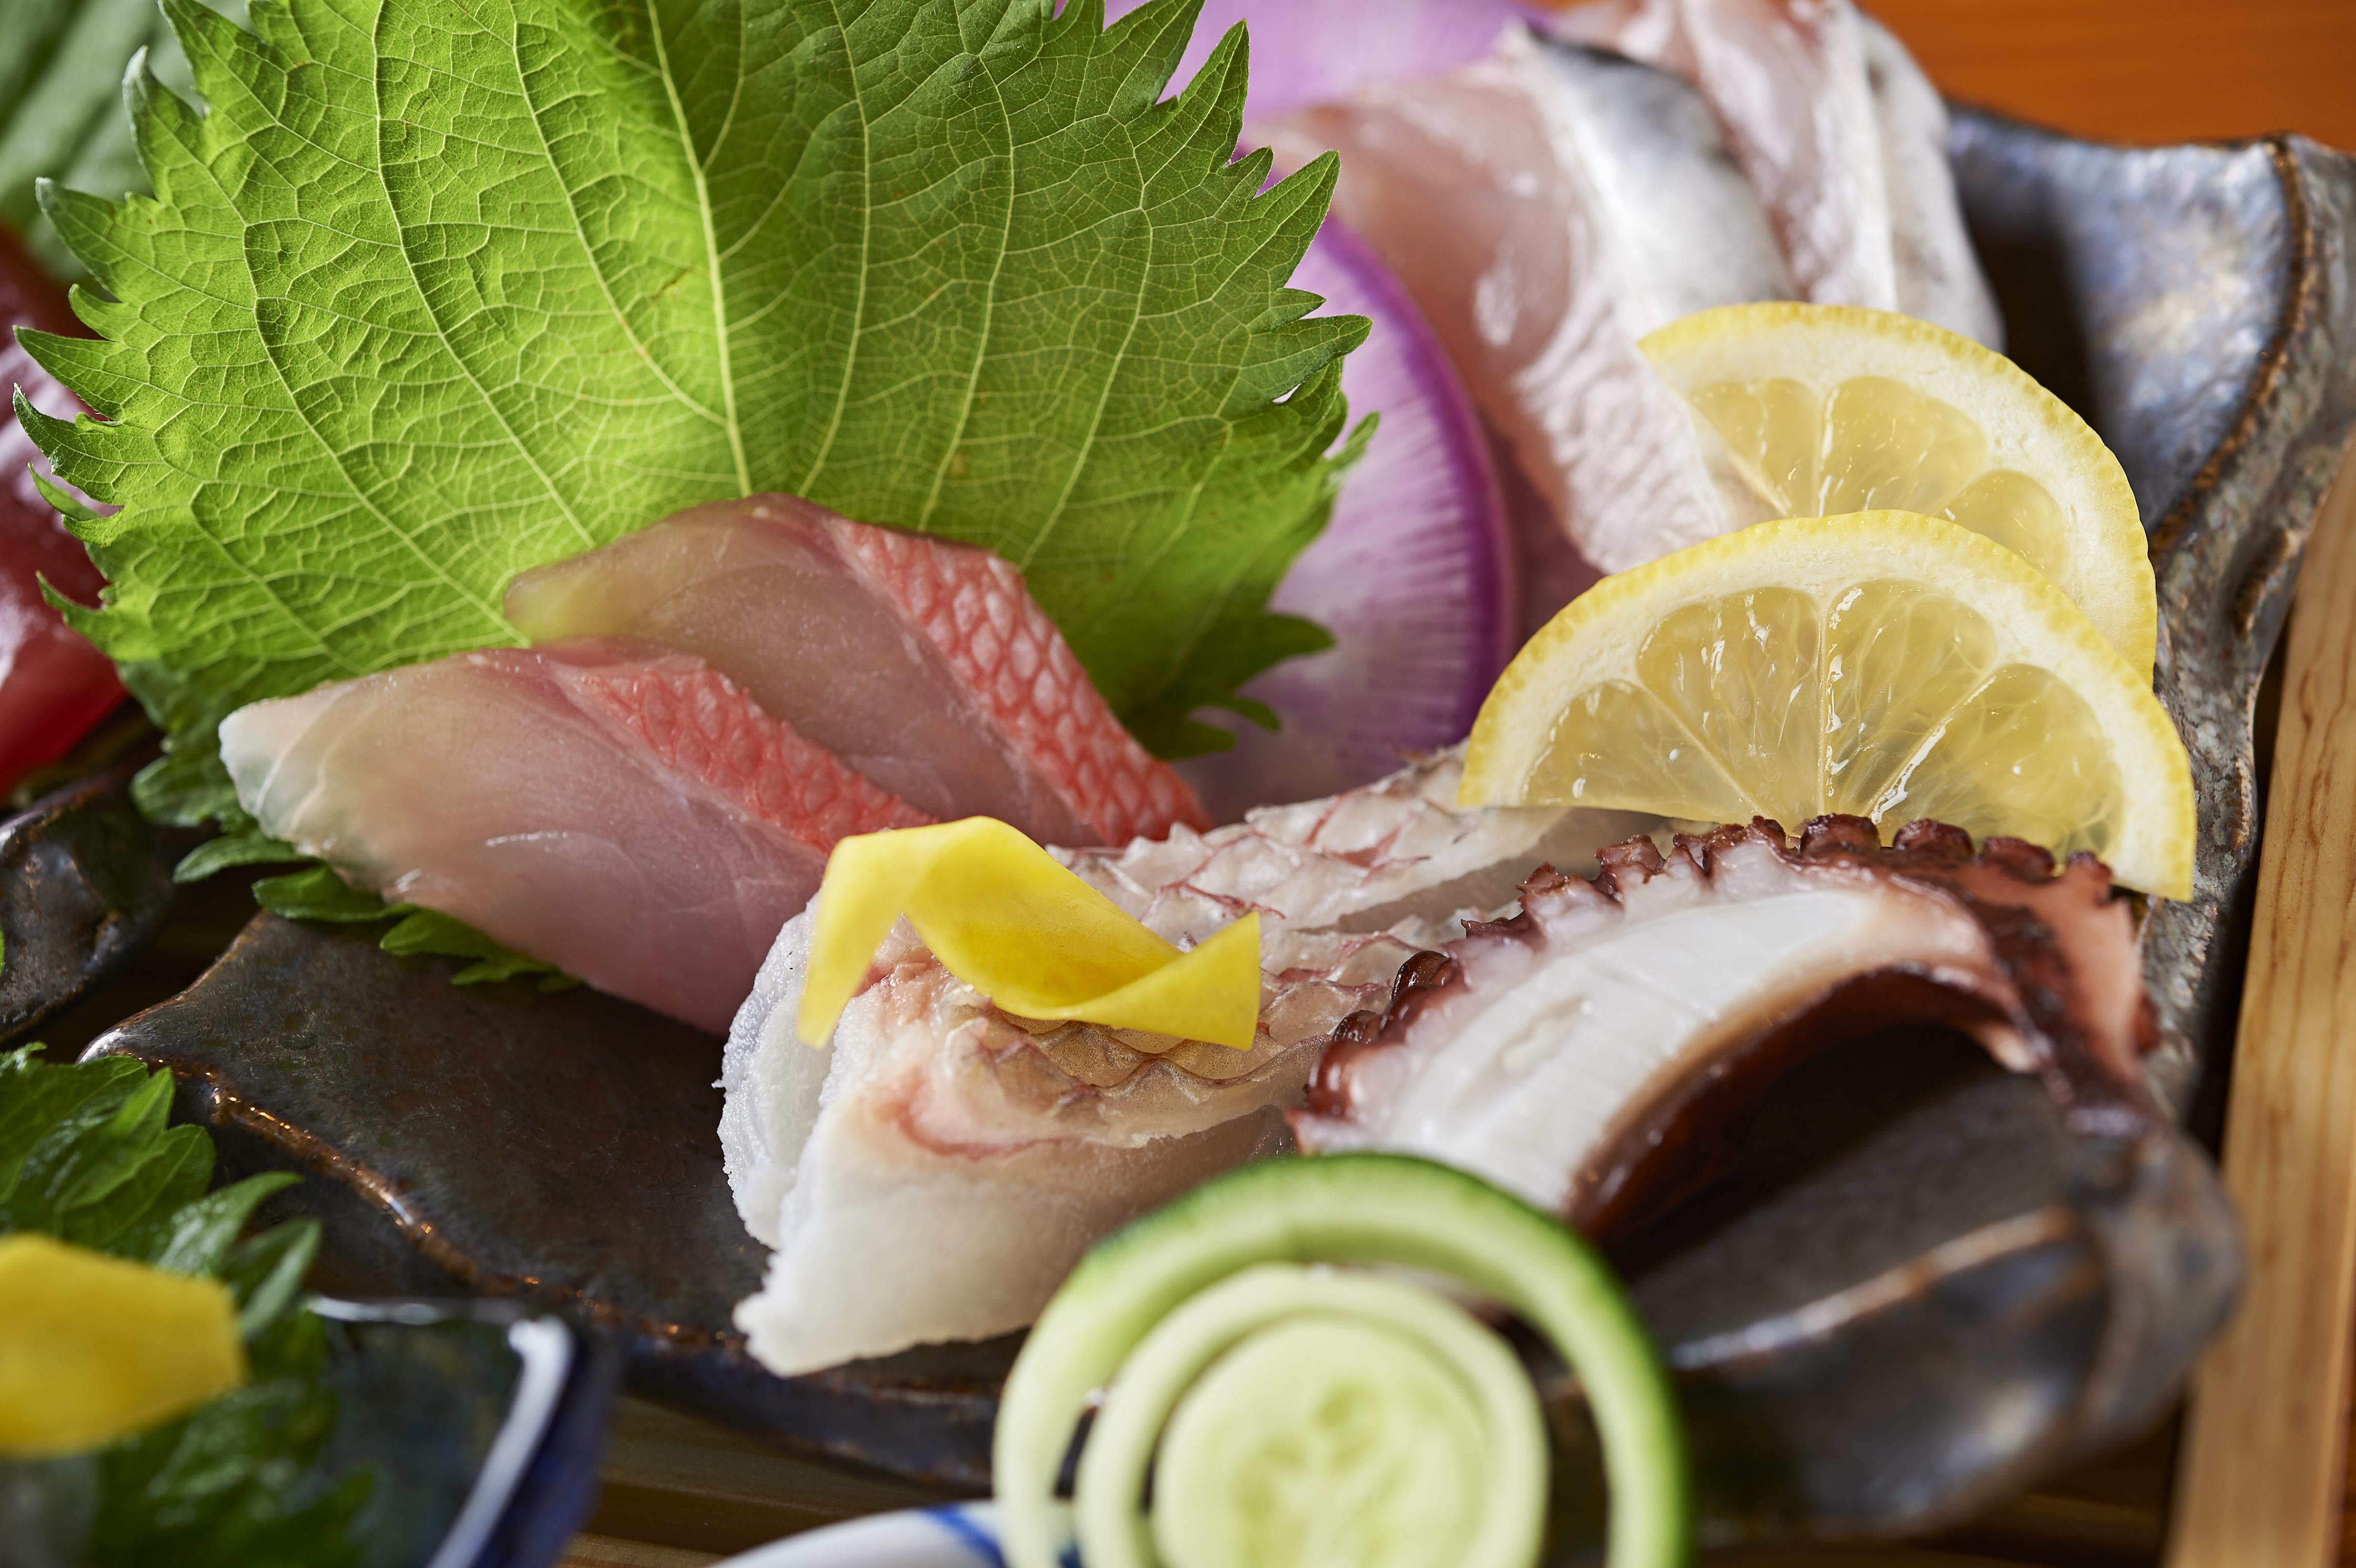 東京・人形町で「魚と酒」を楽しめる居酒屋「人形町はなたれ」で厳選鮮魚を味わう!